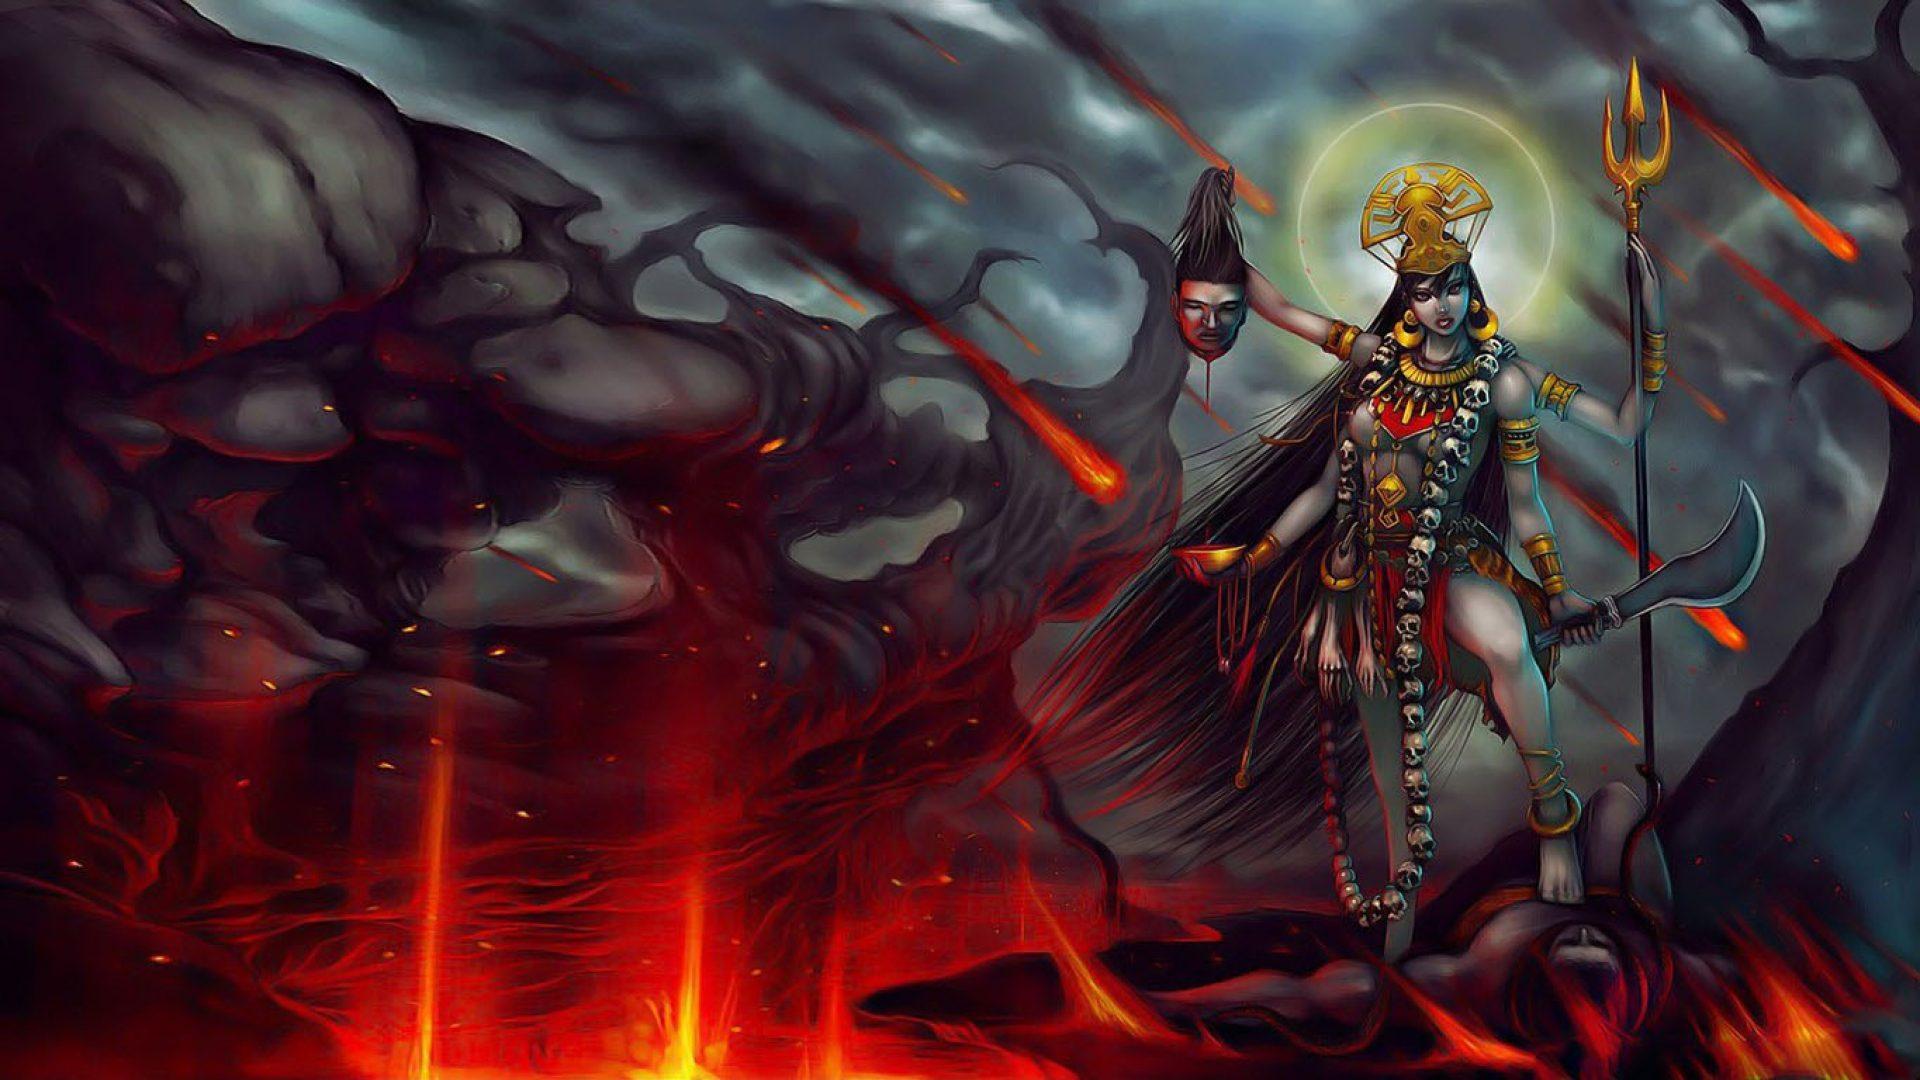 Maa Tara Wallpaper Hd Kali Mata 3d Hd Images Hindu Gods And Goddesses